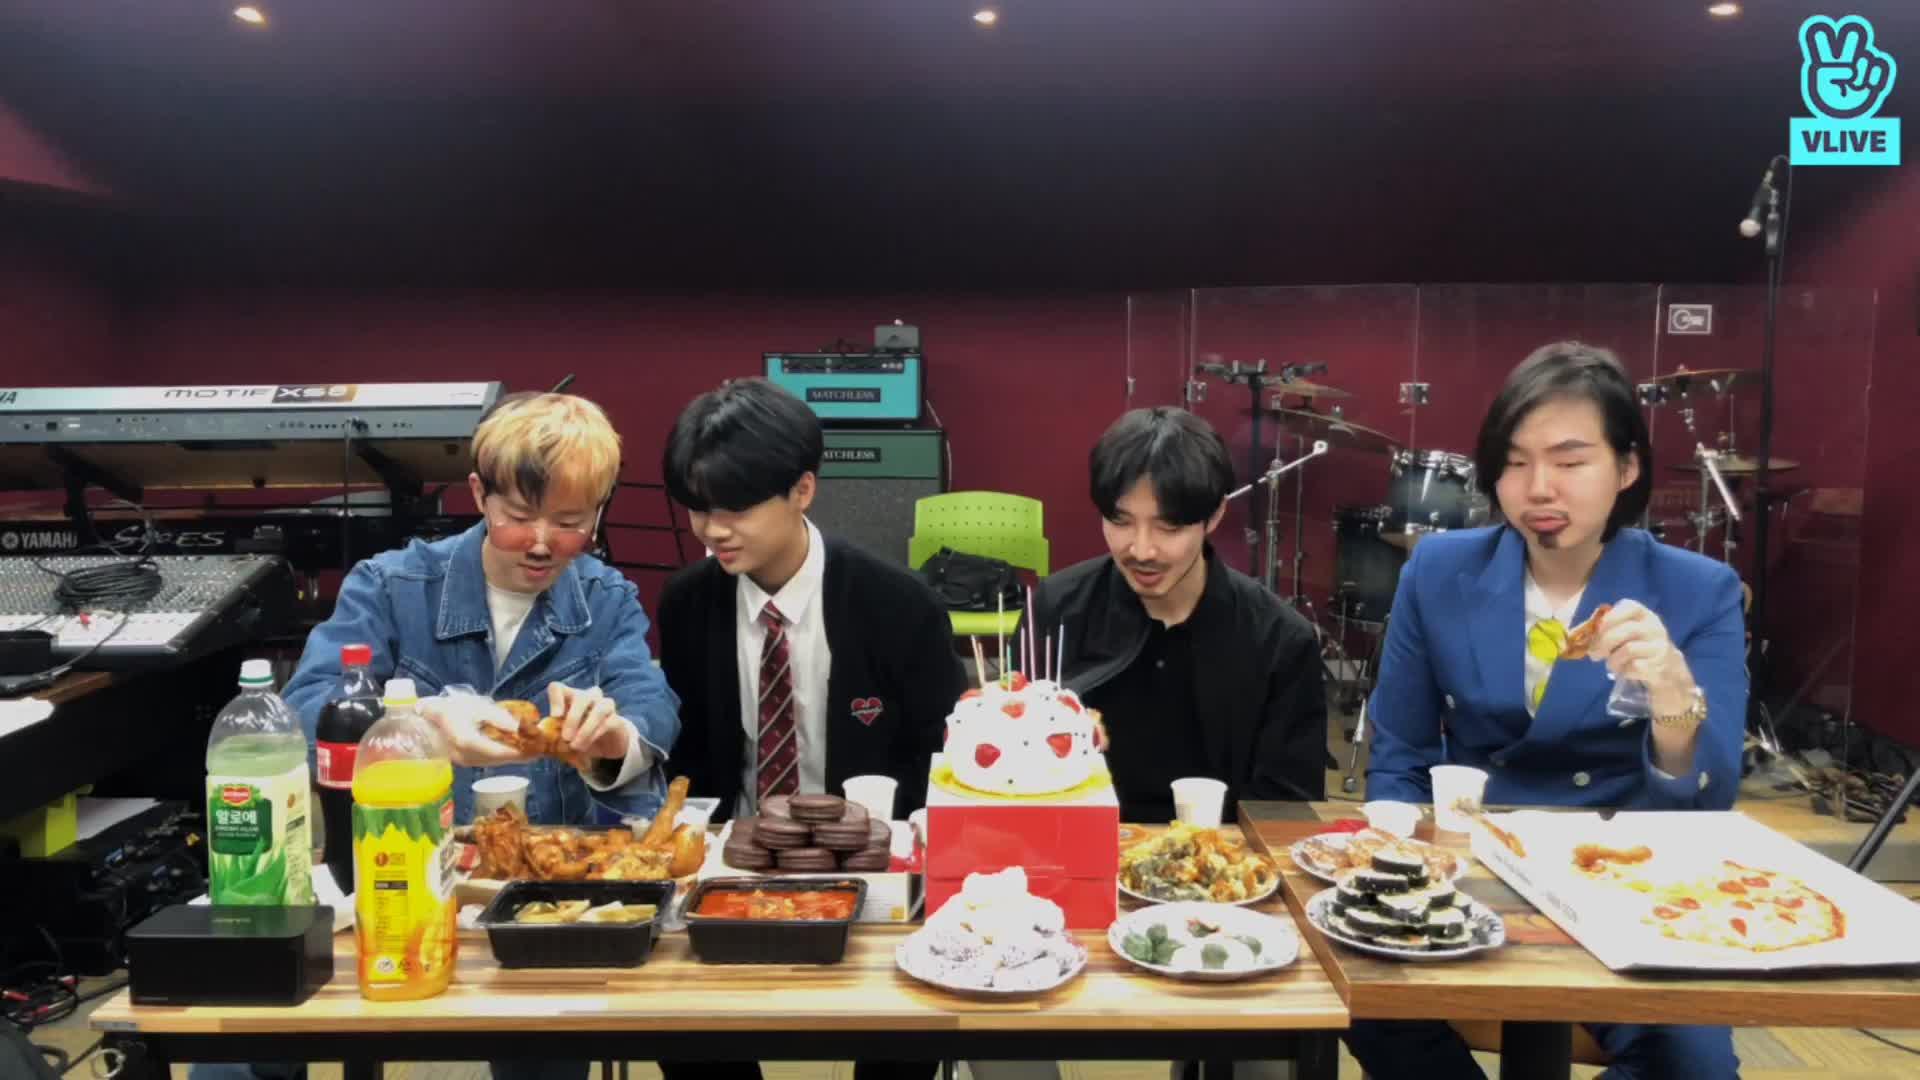 26살 진호 형 생일 파티